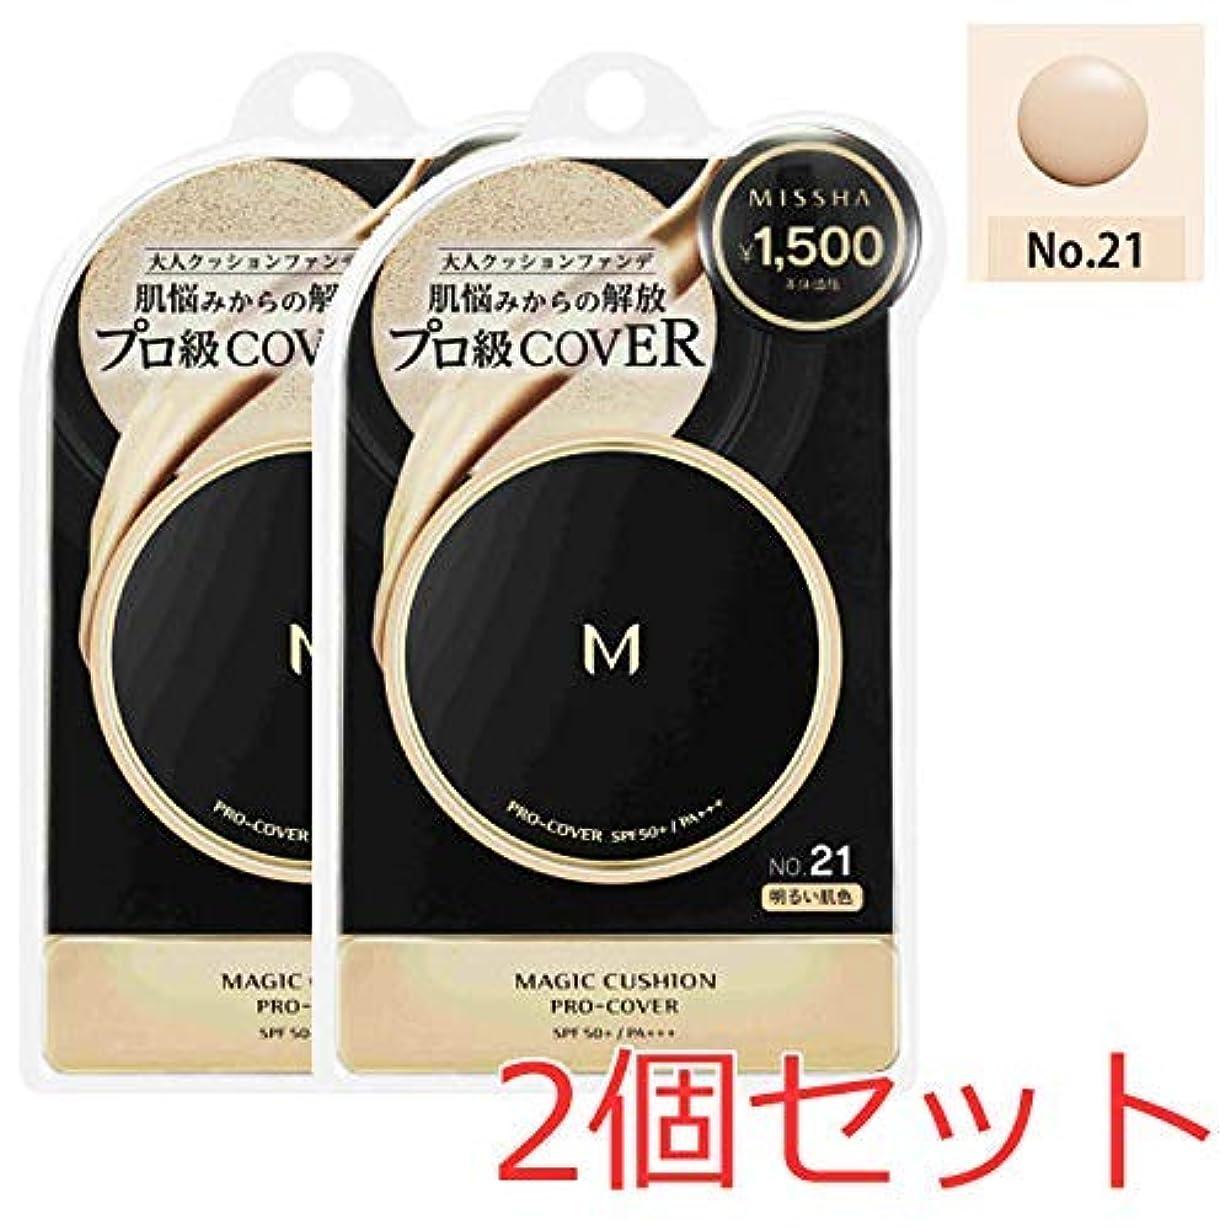 ミルク流すながらミシャ MISSHA M クッションファンデーション(プロカバー) No.21 15g 2個セット